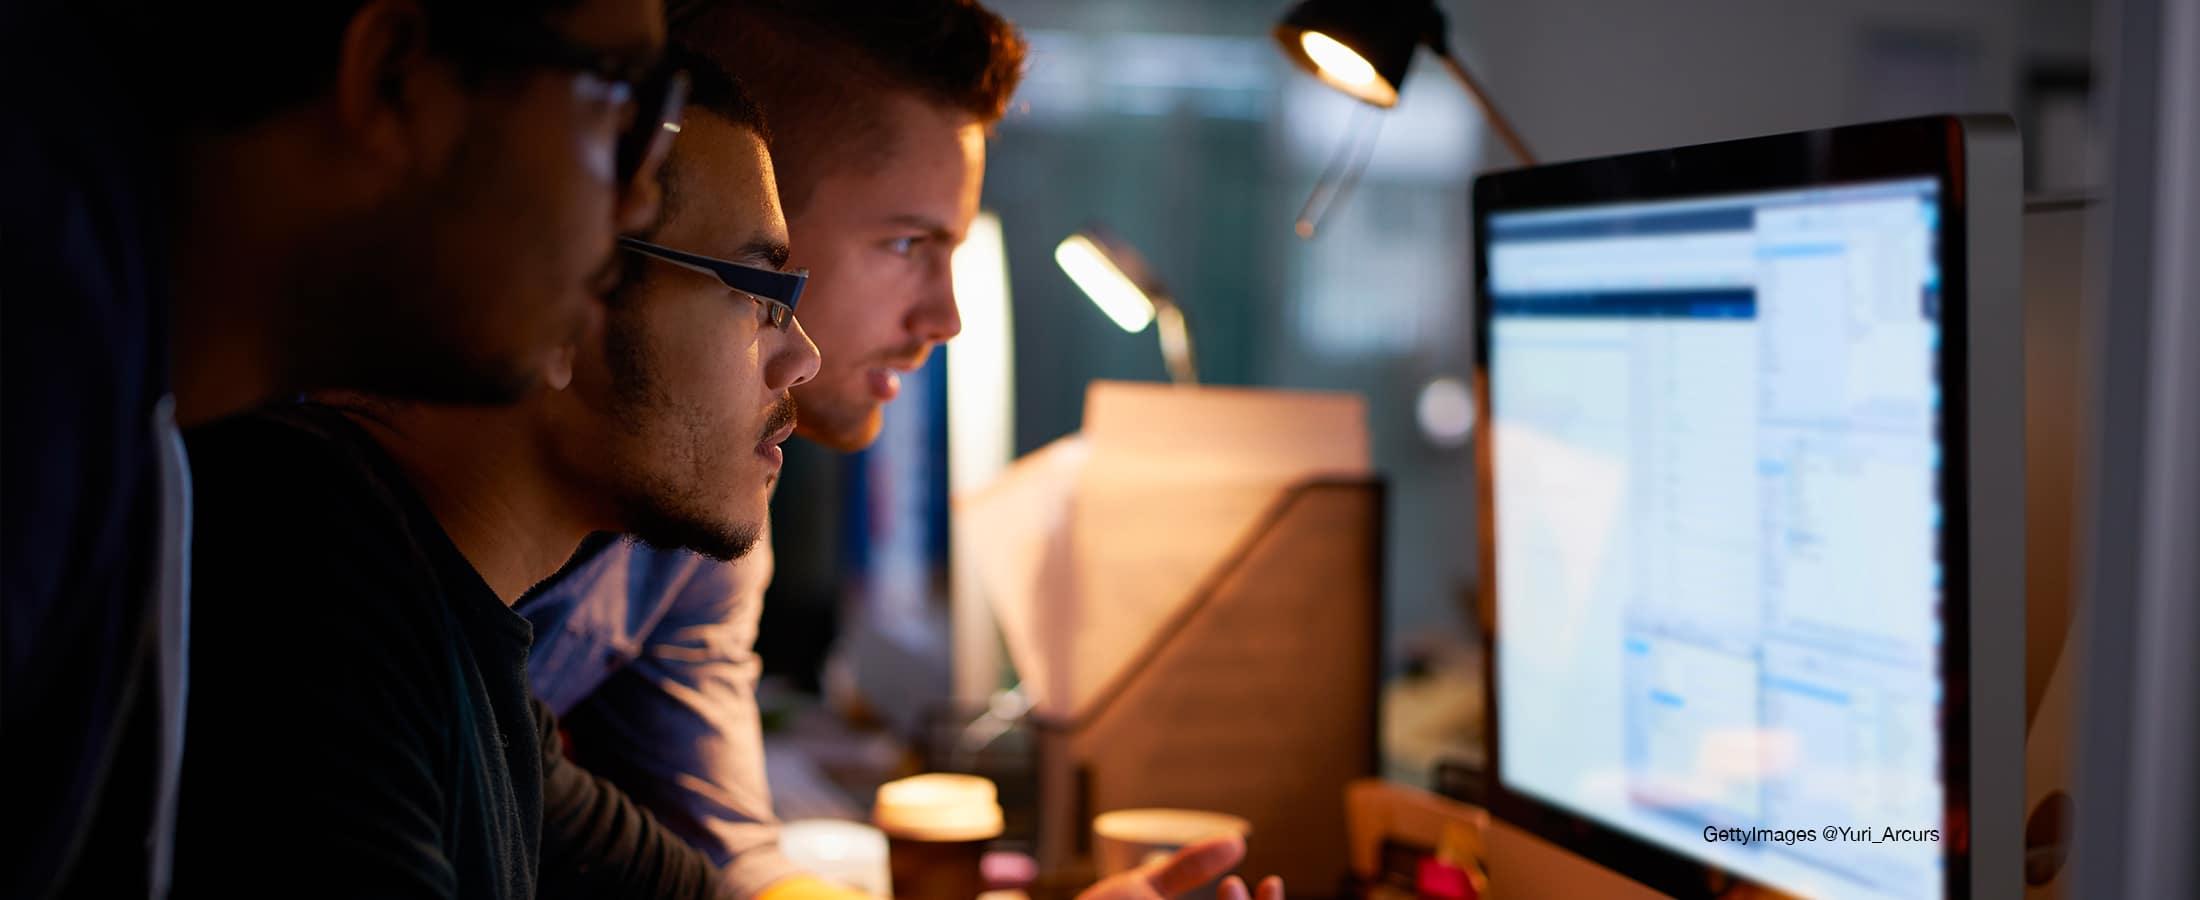 Votre entreprise est victime d'un ransomware, comment bien réagir?